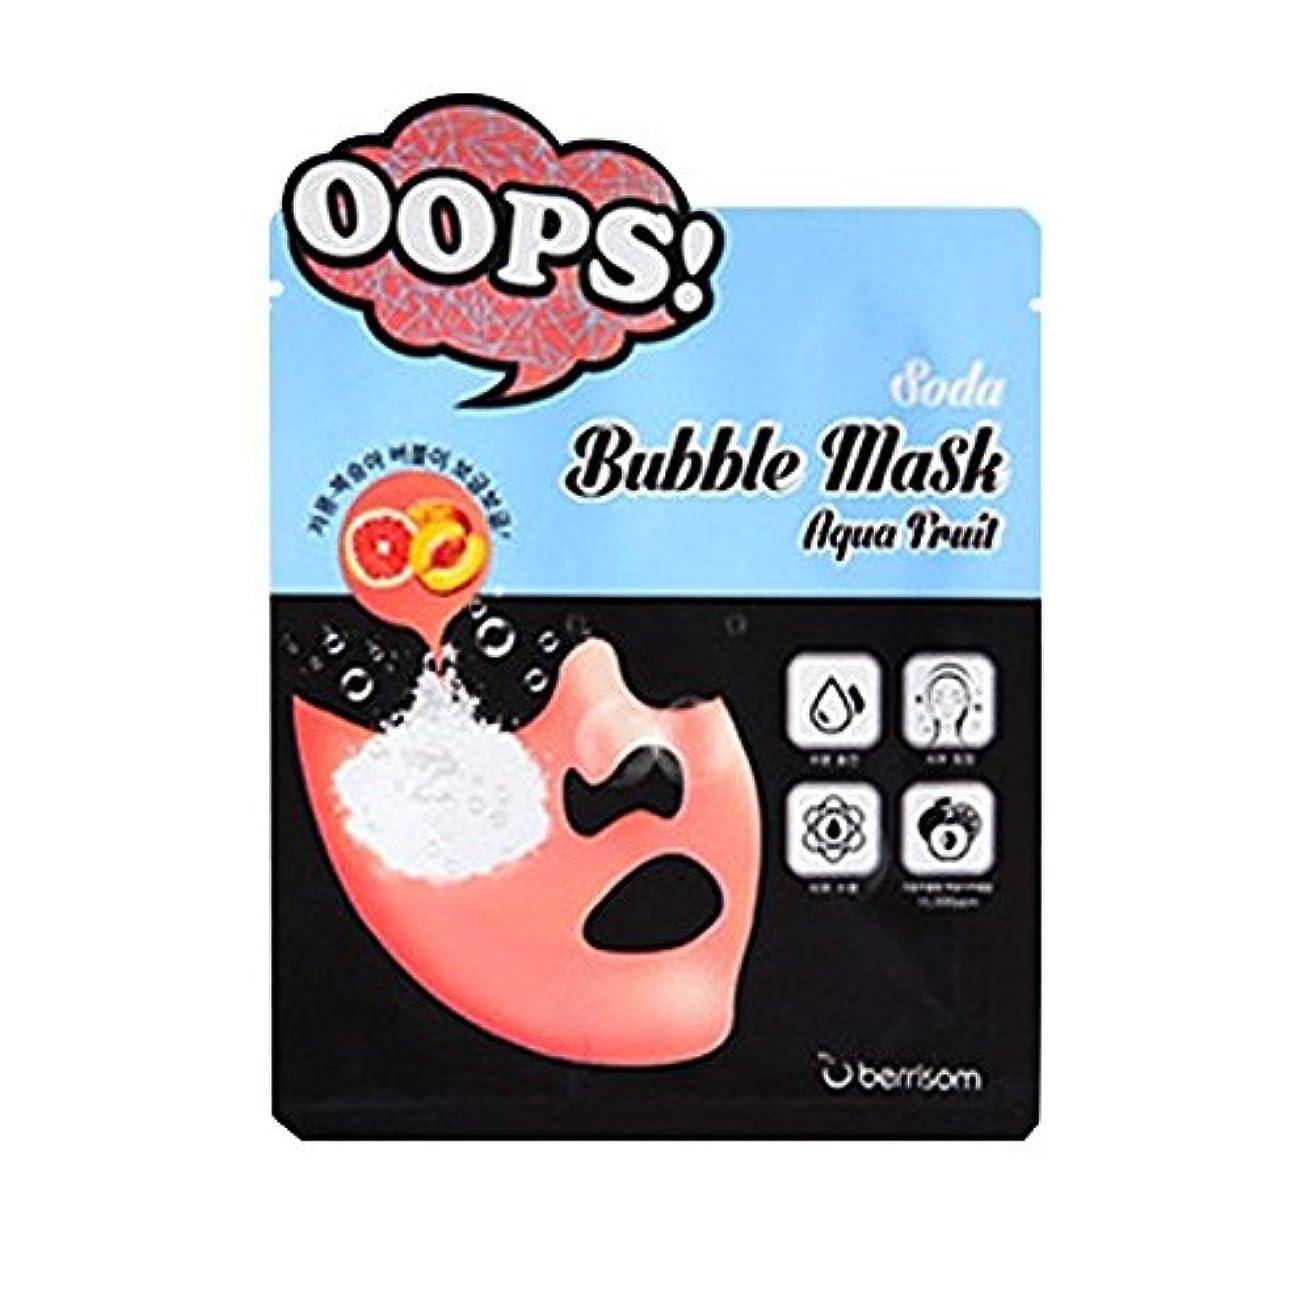 不調和のり早くBerrisom Oops Soda Bubble Mask - 1pack (5pcs) aqua Fruit/ベリーサム Oops ソーダ バブル マスク - 1pack (5pcs) aqua Fruit